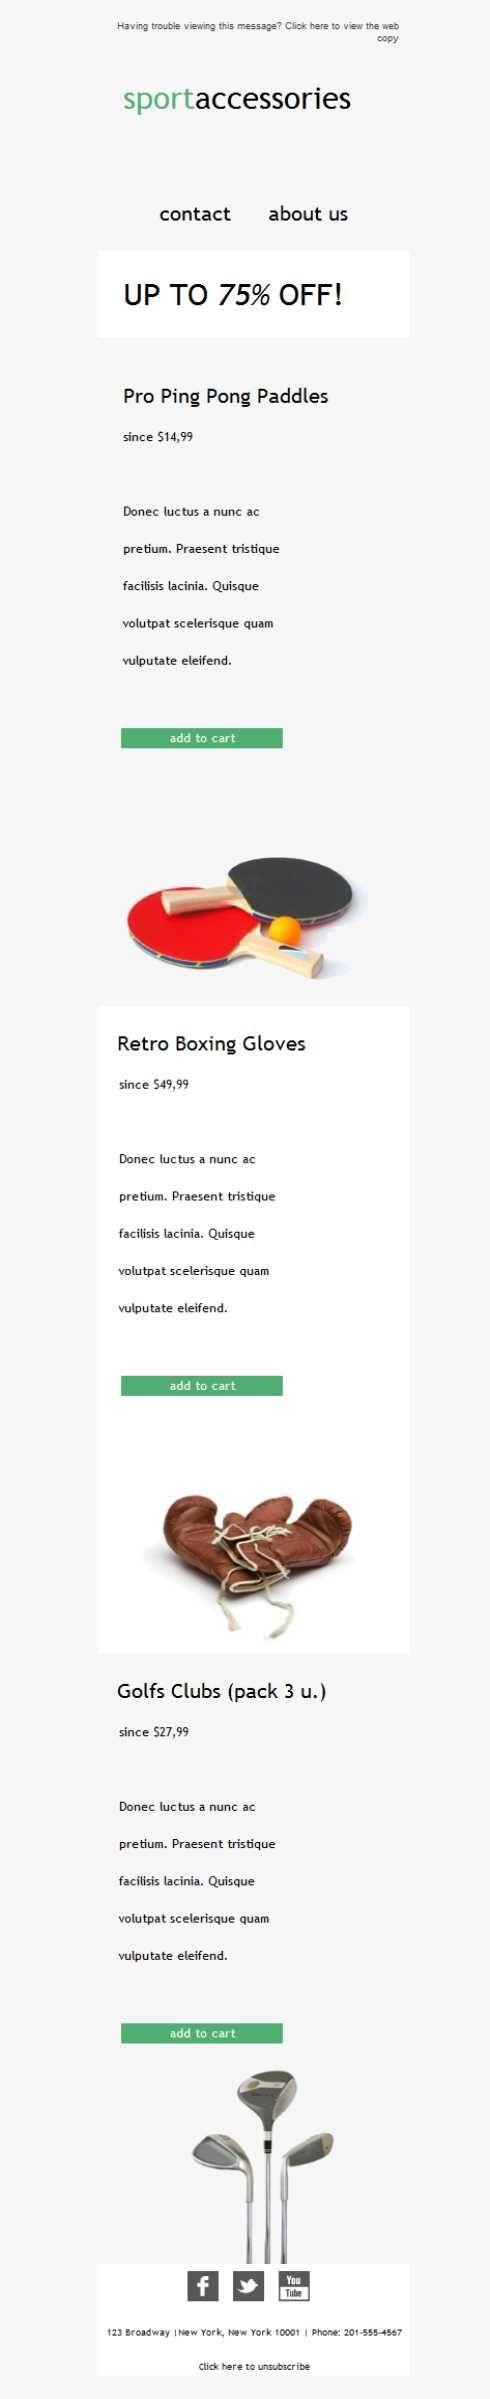 Versión responsive de esta plantilla newsletter para tiendas de deporte. Mira cómo queda en formato móvil, también disponible para tablets y ajustable para PC o Mac. Todo con Mailify.